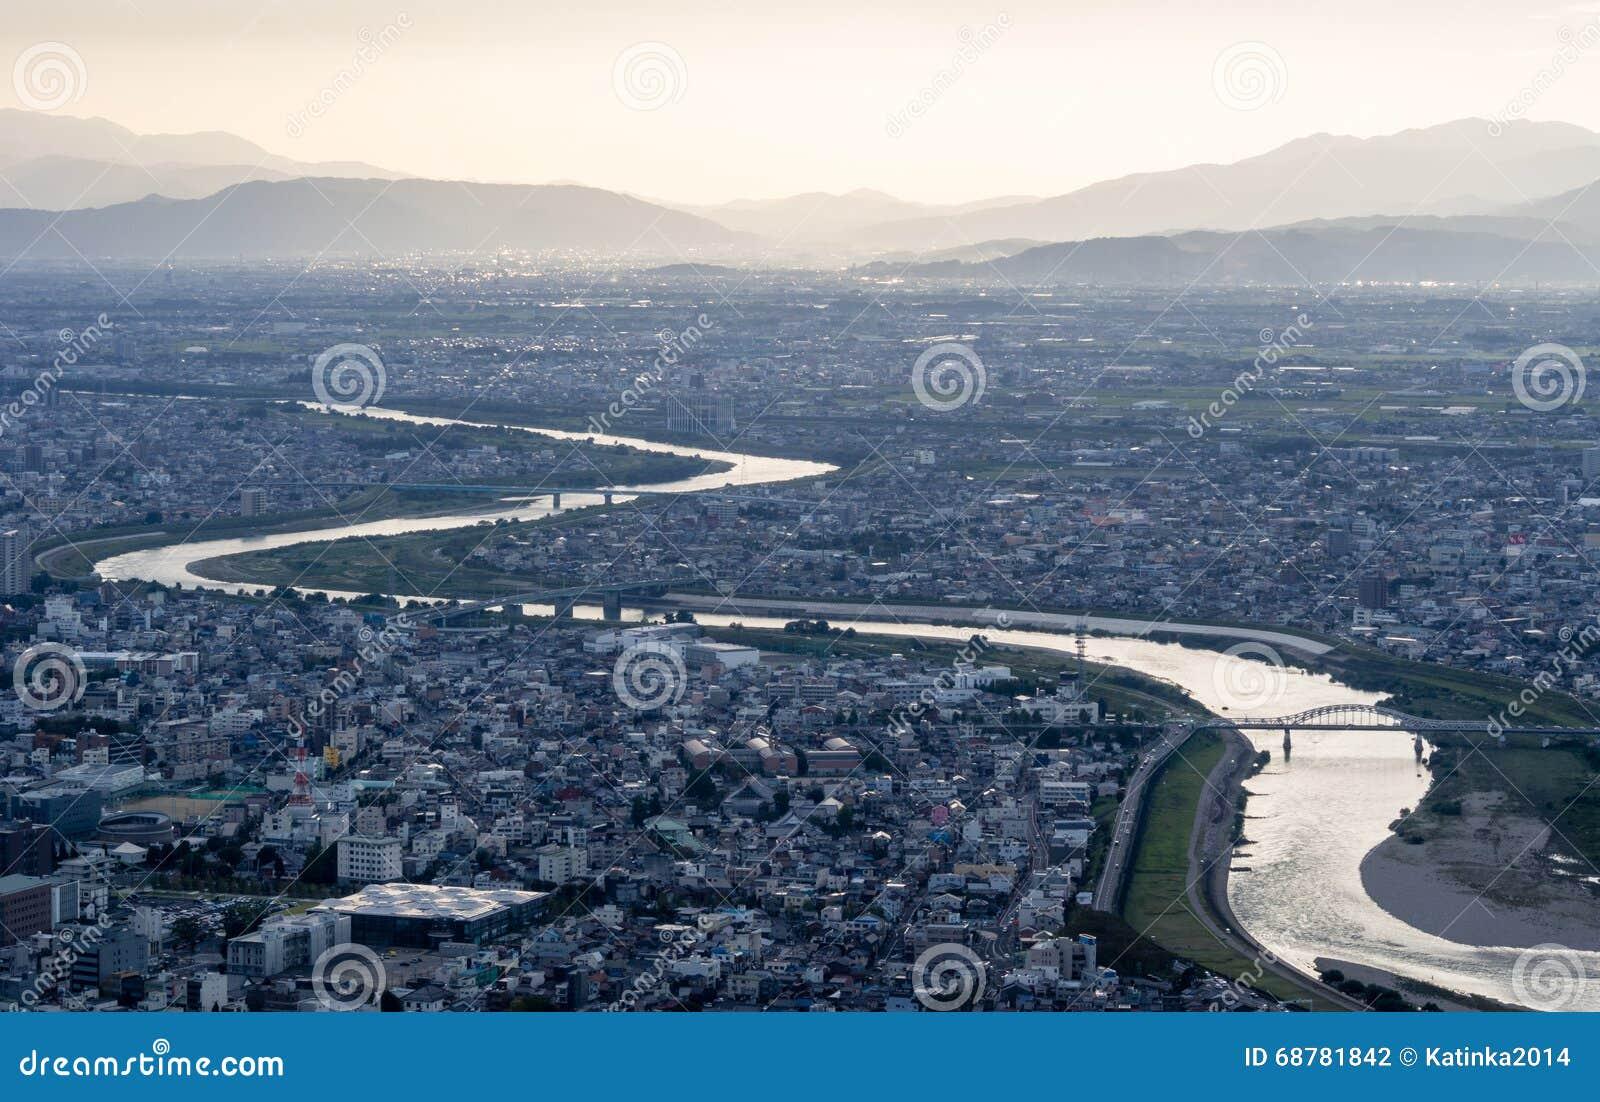 Vista panorámica de la ciudad de Gifu, Japón